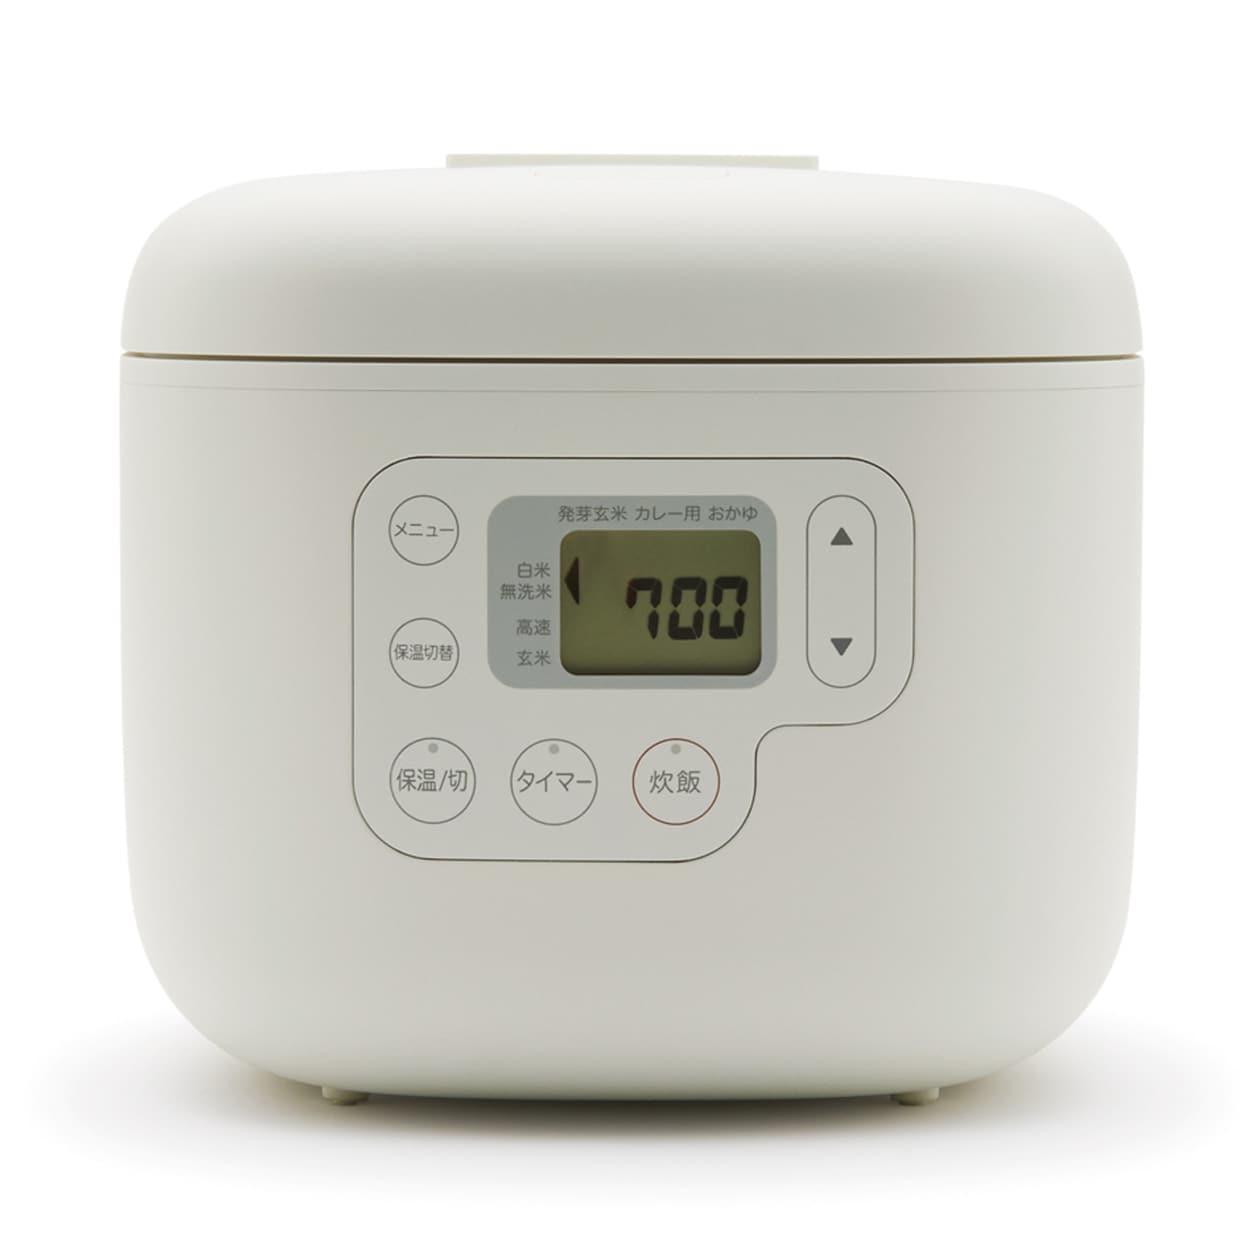 しゃもじ置き付き炊飯器・3合 型番:MJ‐RC3A2